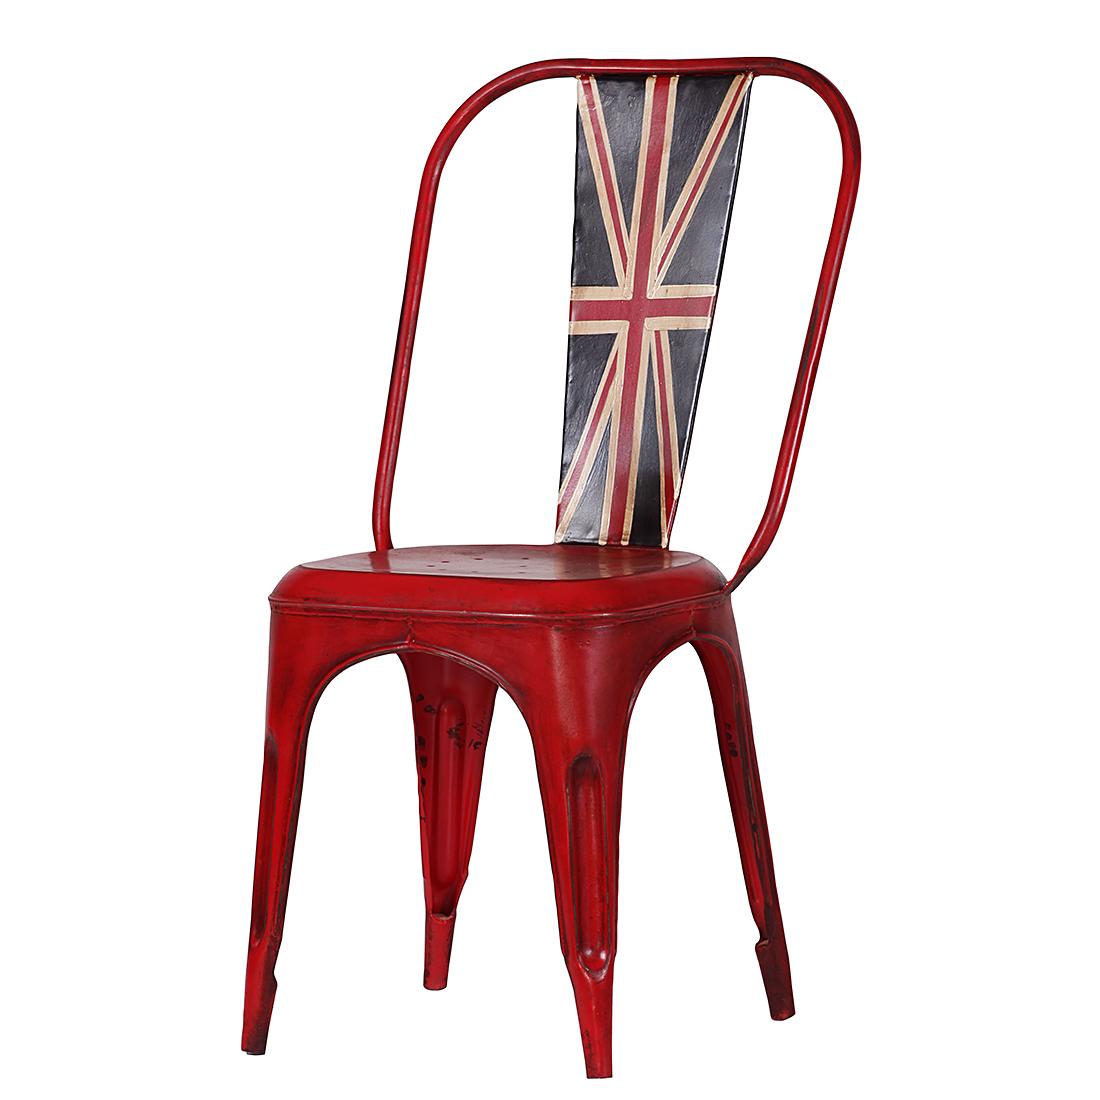 furnlab Stoel Union Jack - gelakt metaal - rood Home24